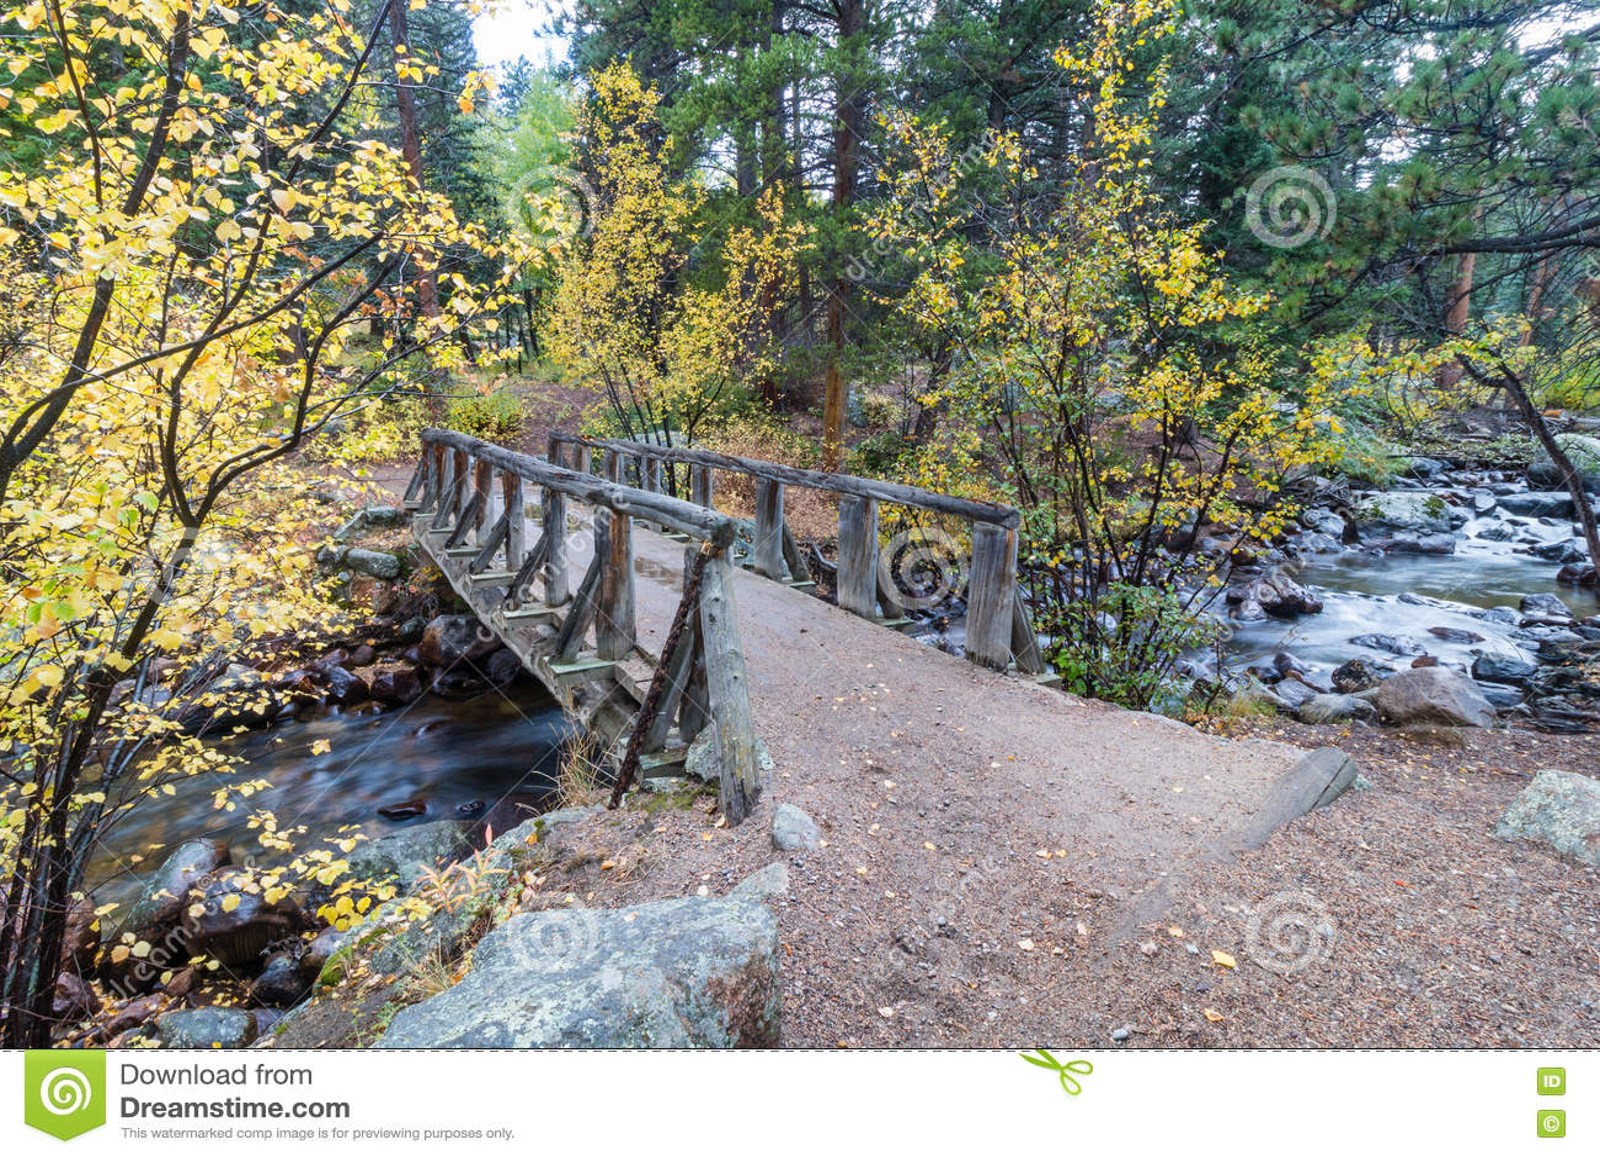 Wooden Foot Bridge Over the Stream